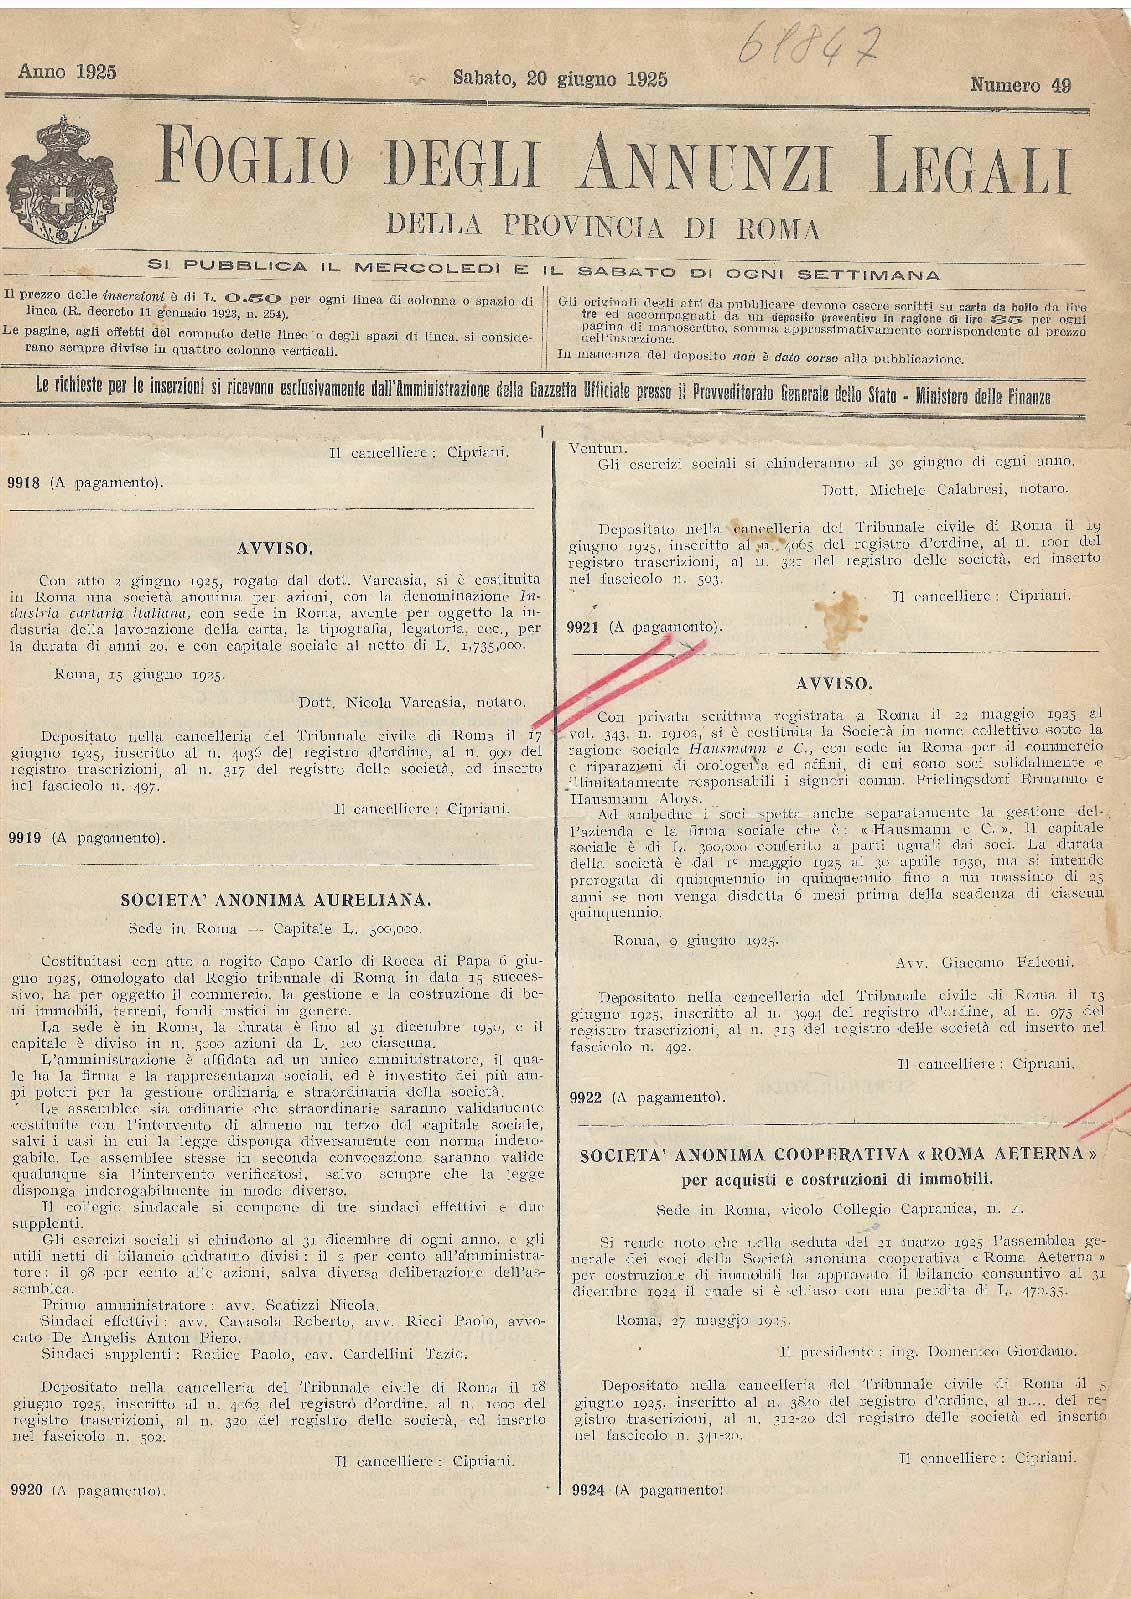 hausmann 1925